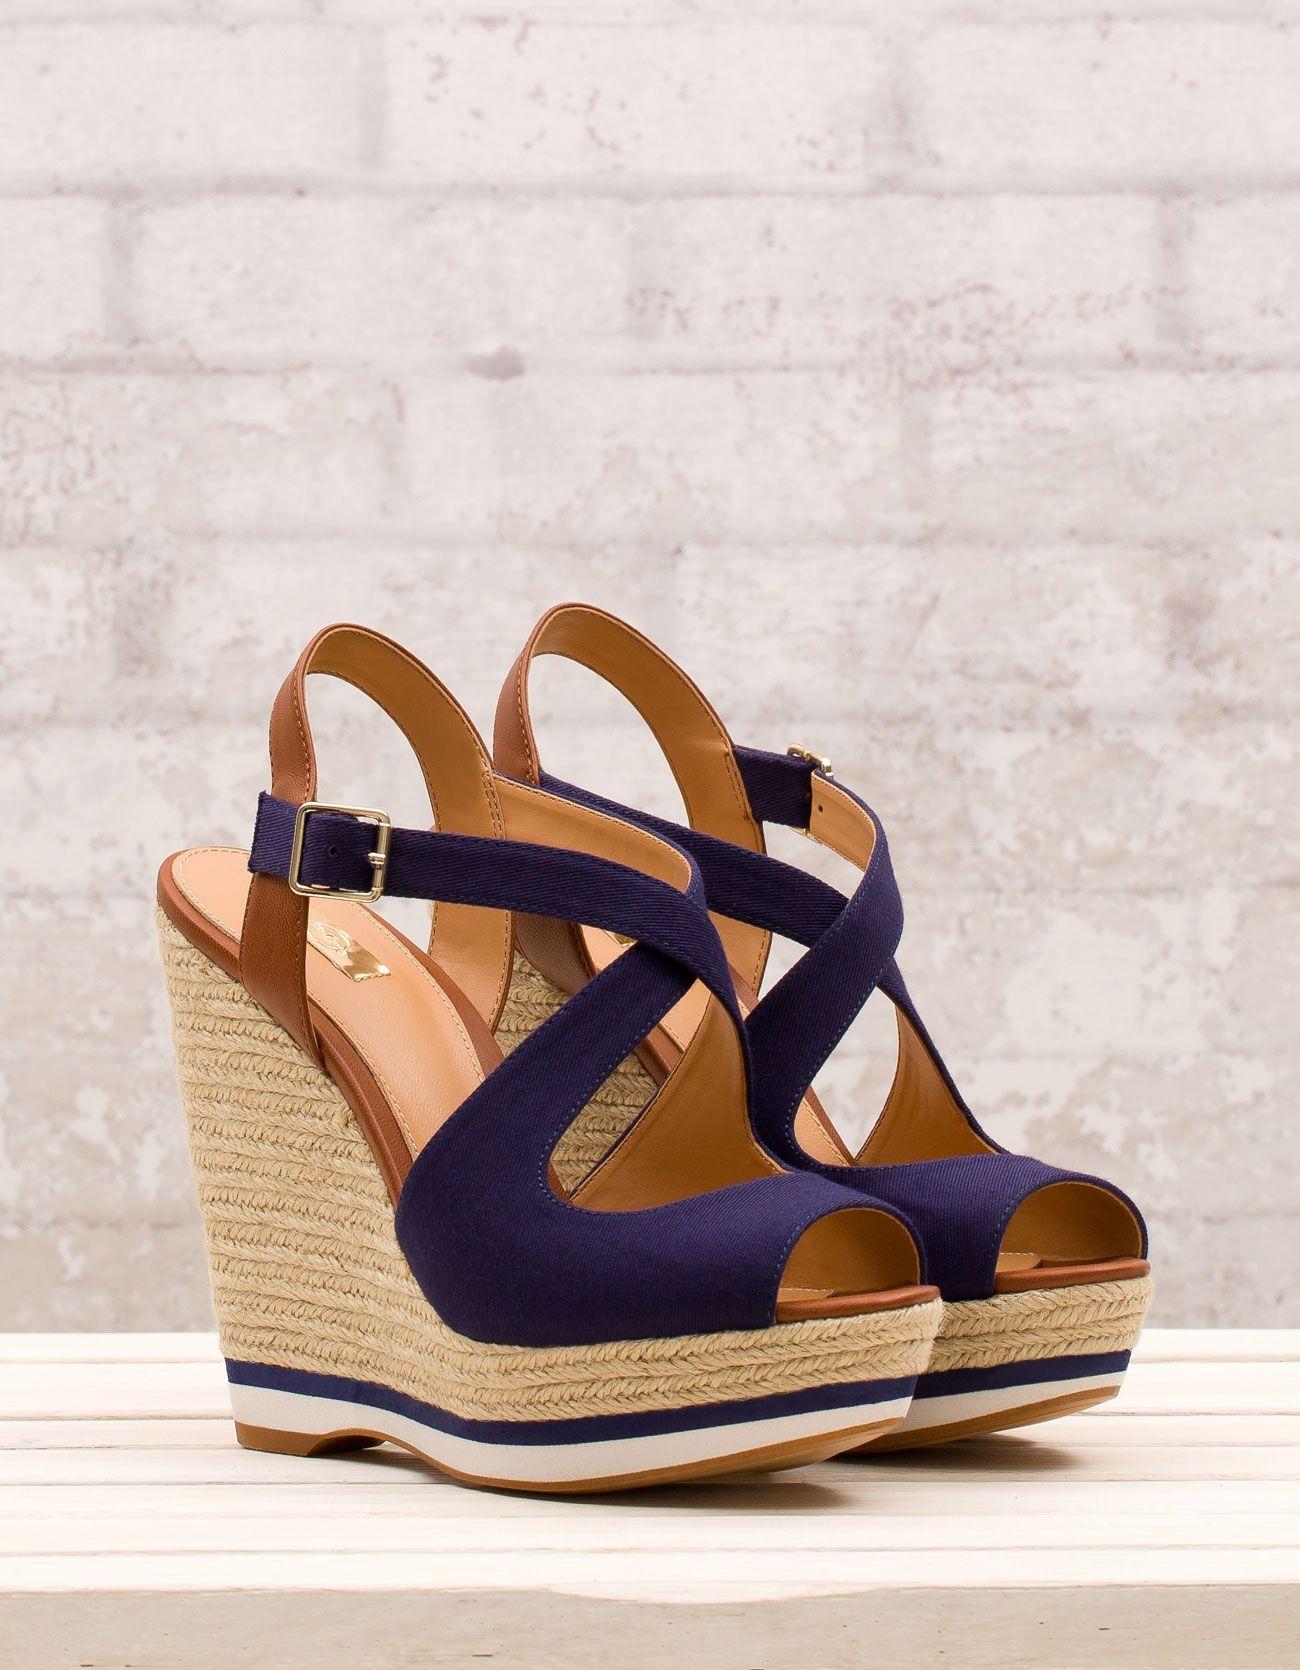 chaussures talon compens crois es shoes pinterest chaussure chaussures talons et. Black Bedroom Furniture Sets. Home Design Ideas